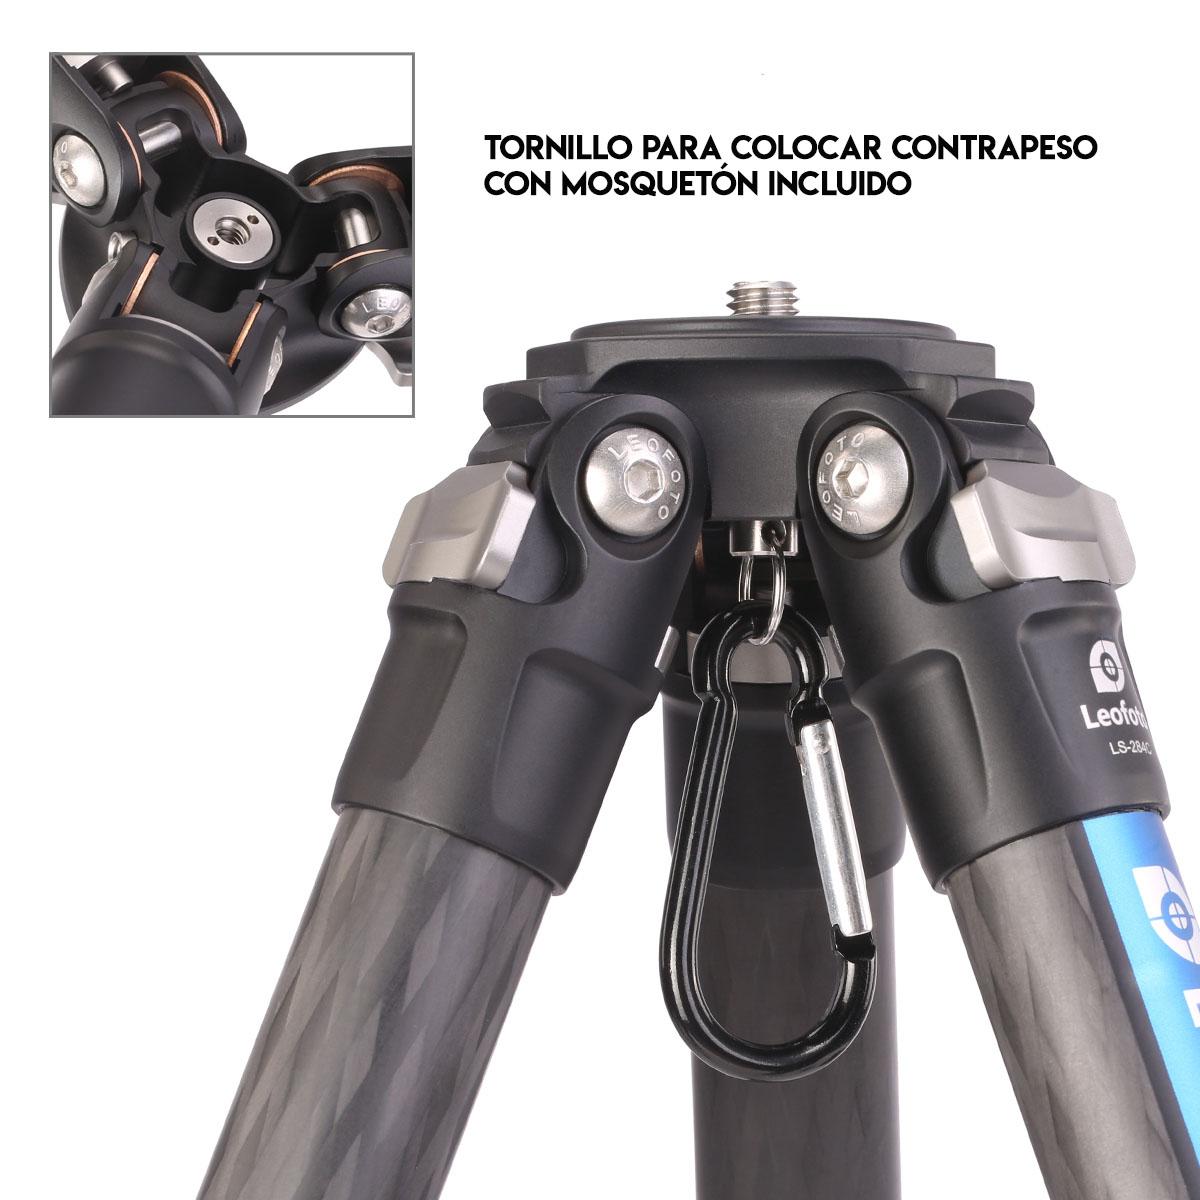 Kit trípode LS-284C+LH30 con contrapeso